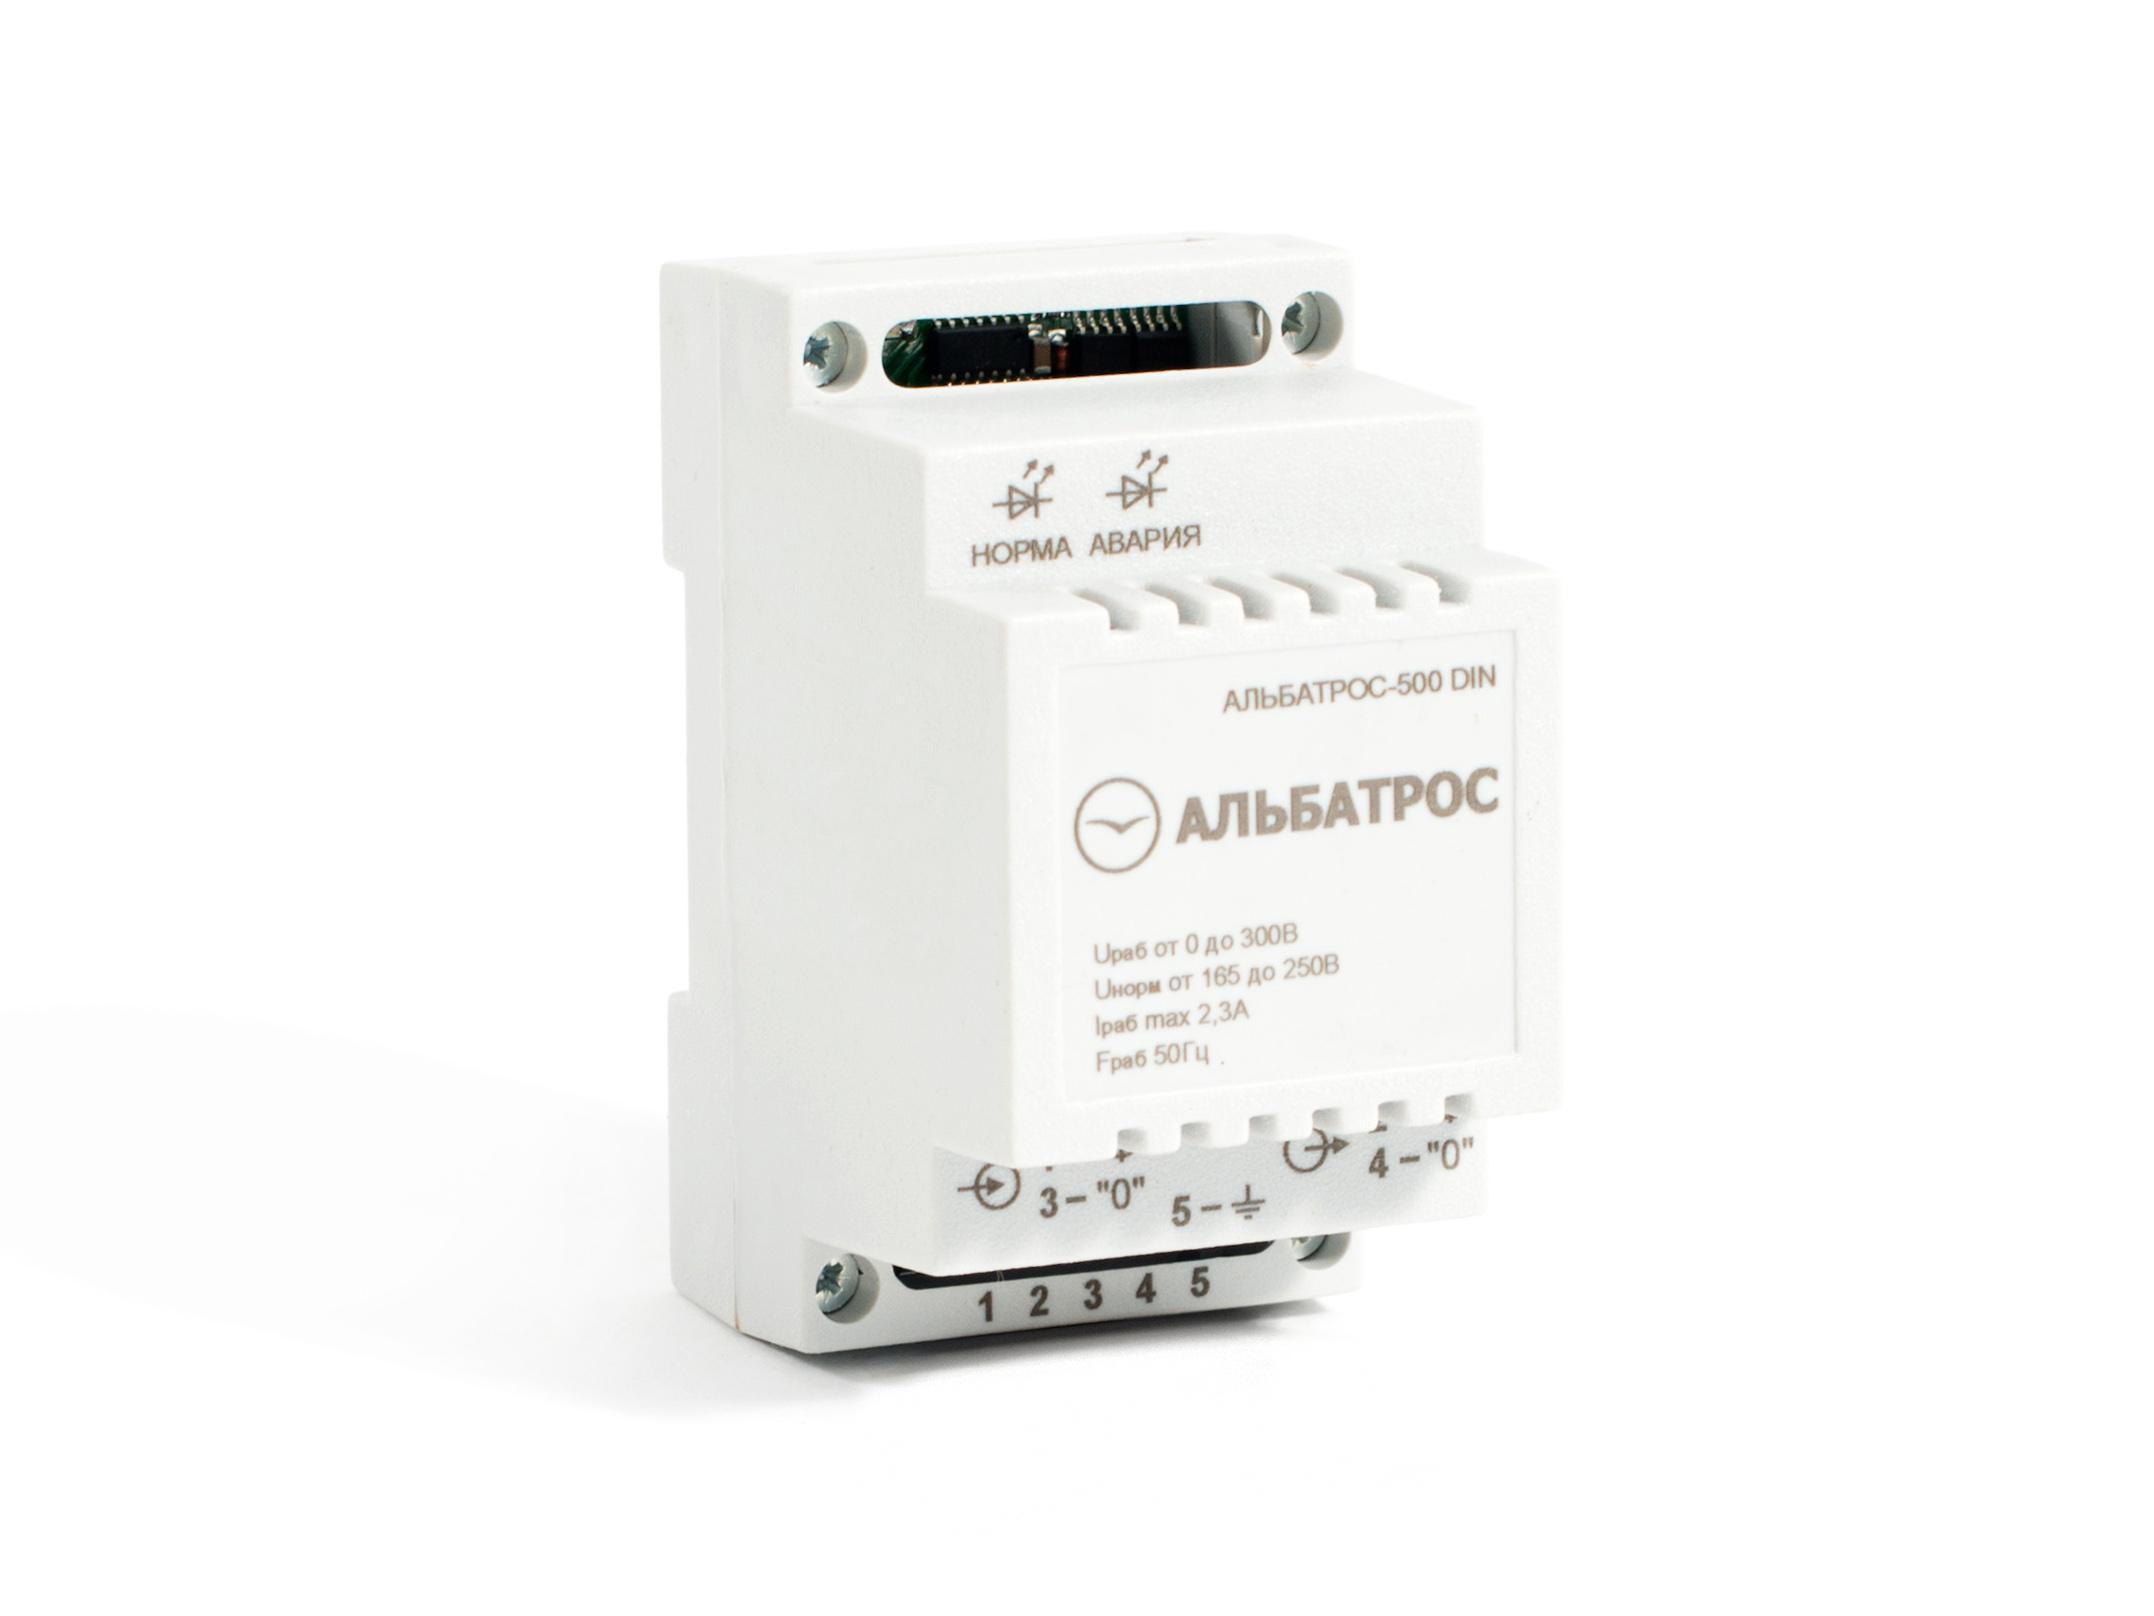 Устройство Teplocom АЛЬБАТРОС-500 din устройство teplocom альбатрос 220 3500 ас